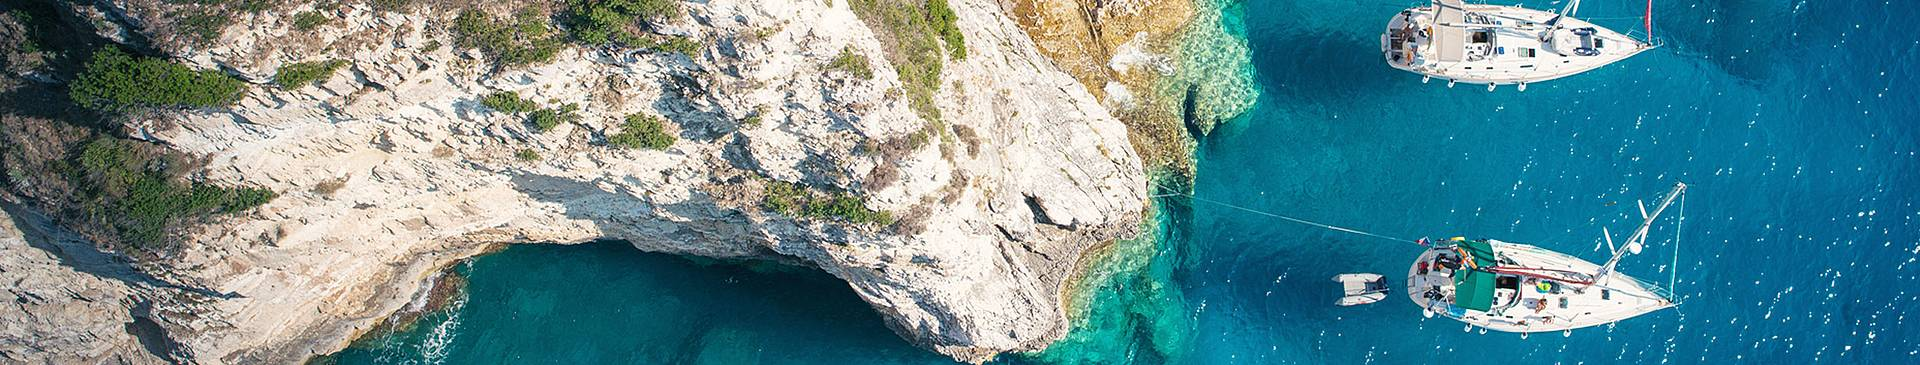 Croisière et Balade en bateau en Crète